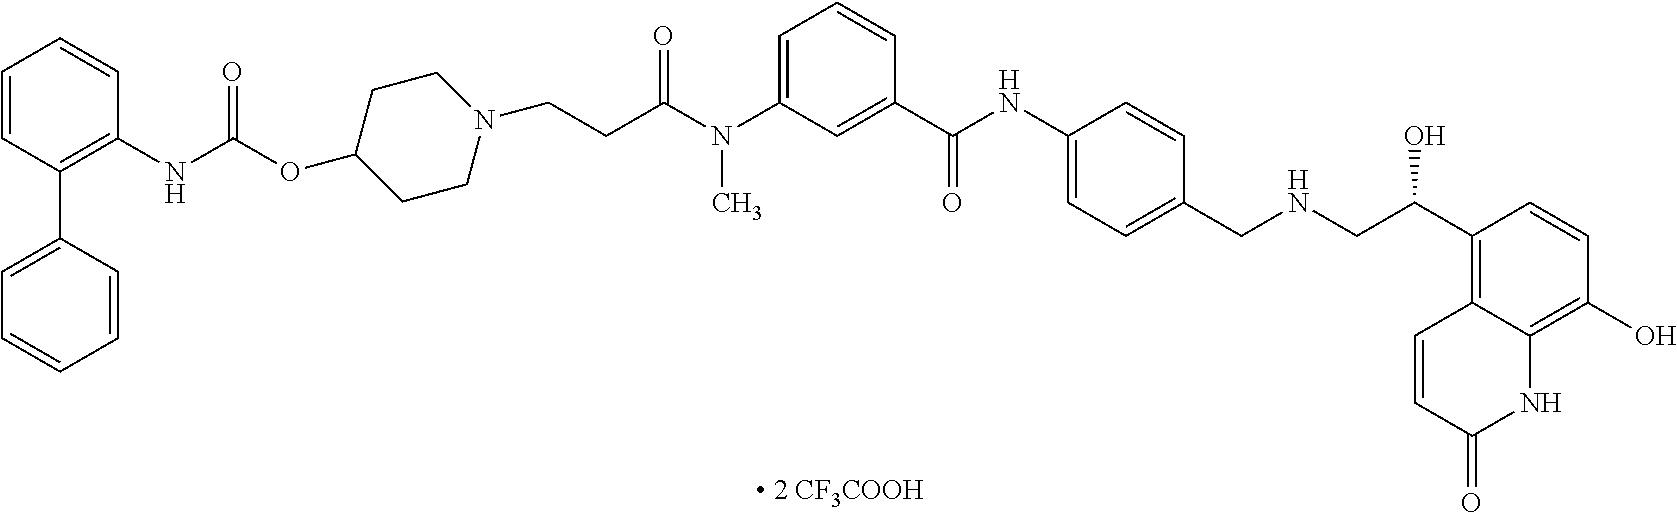 Figure US10138220-20181127-C00261